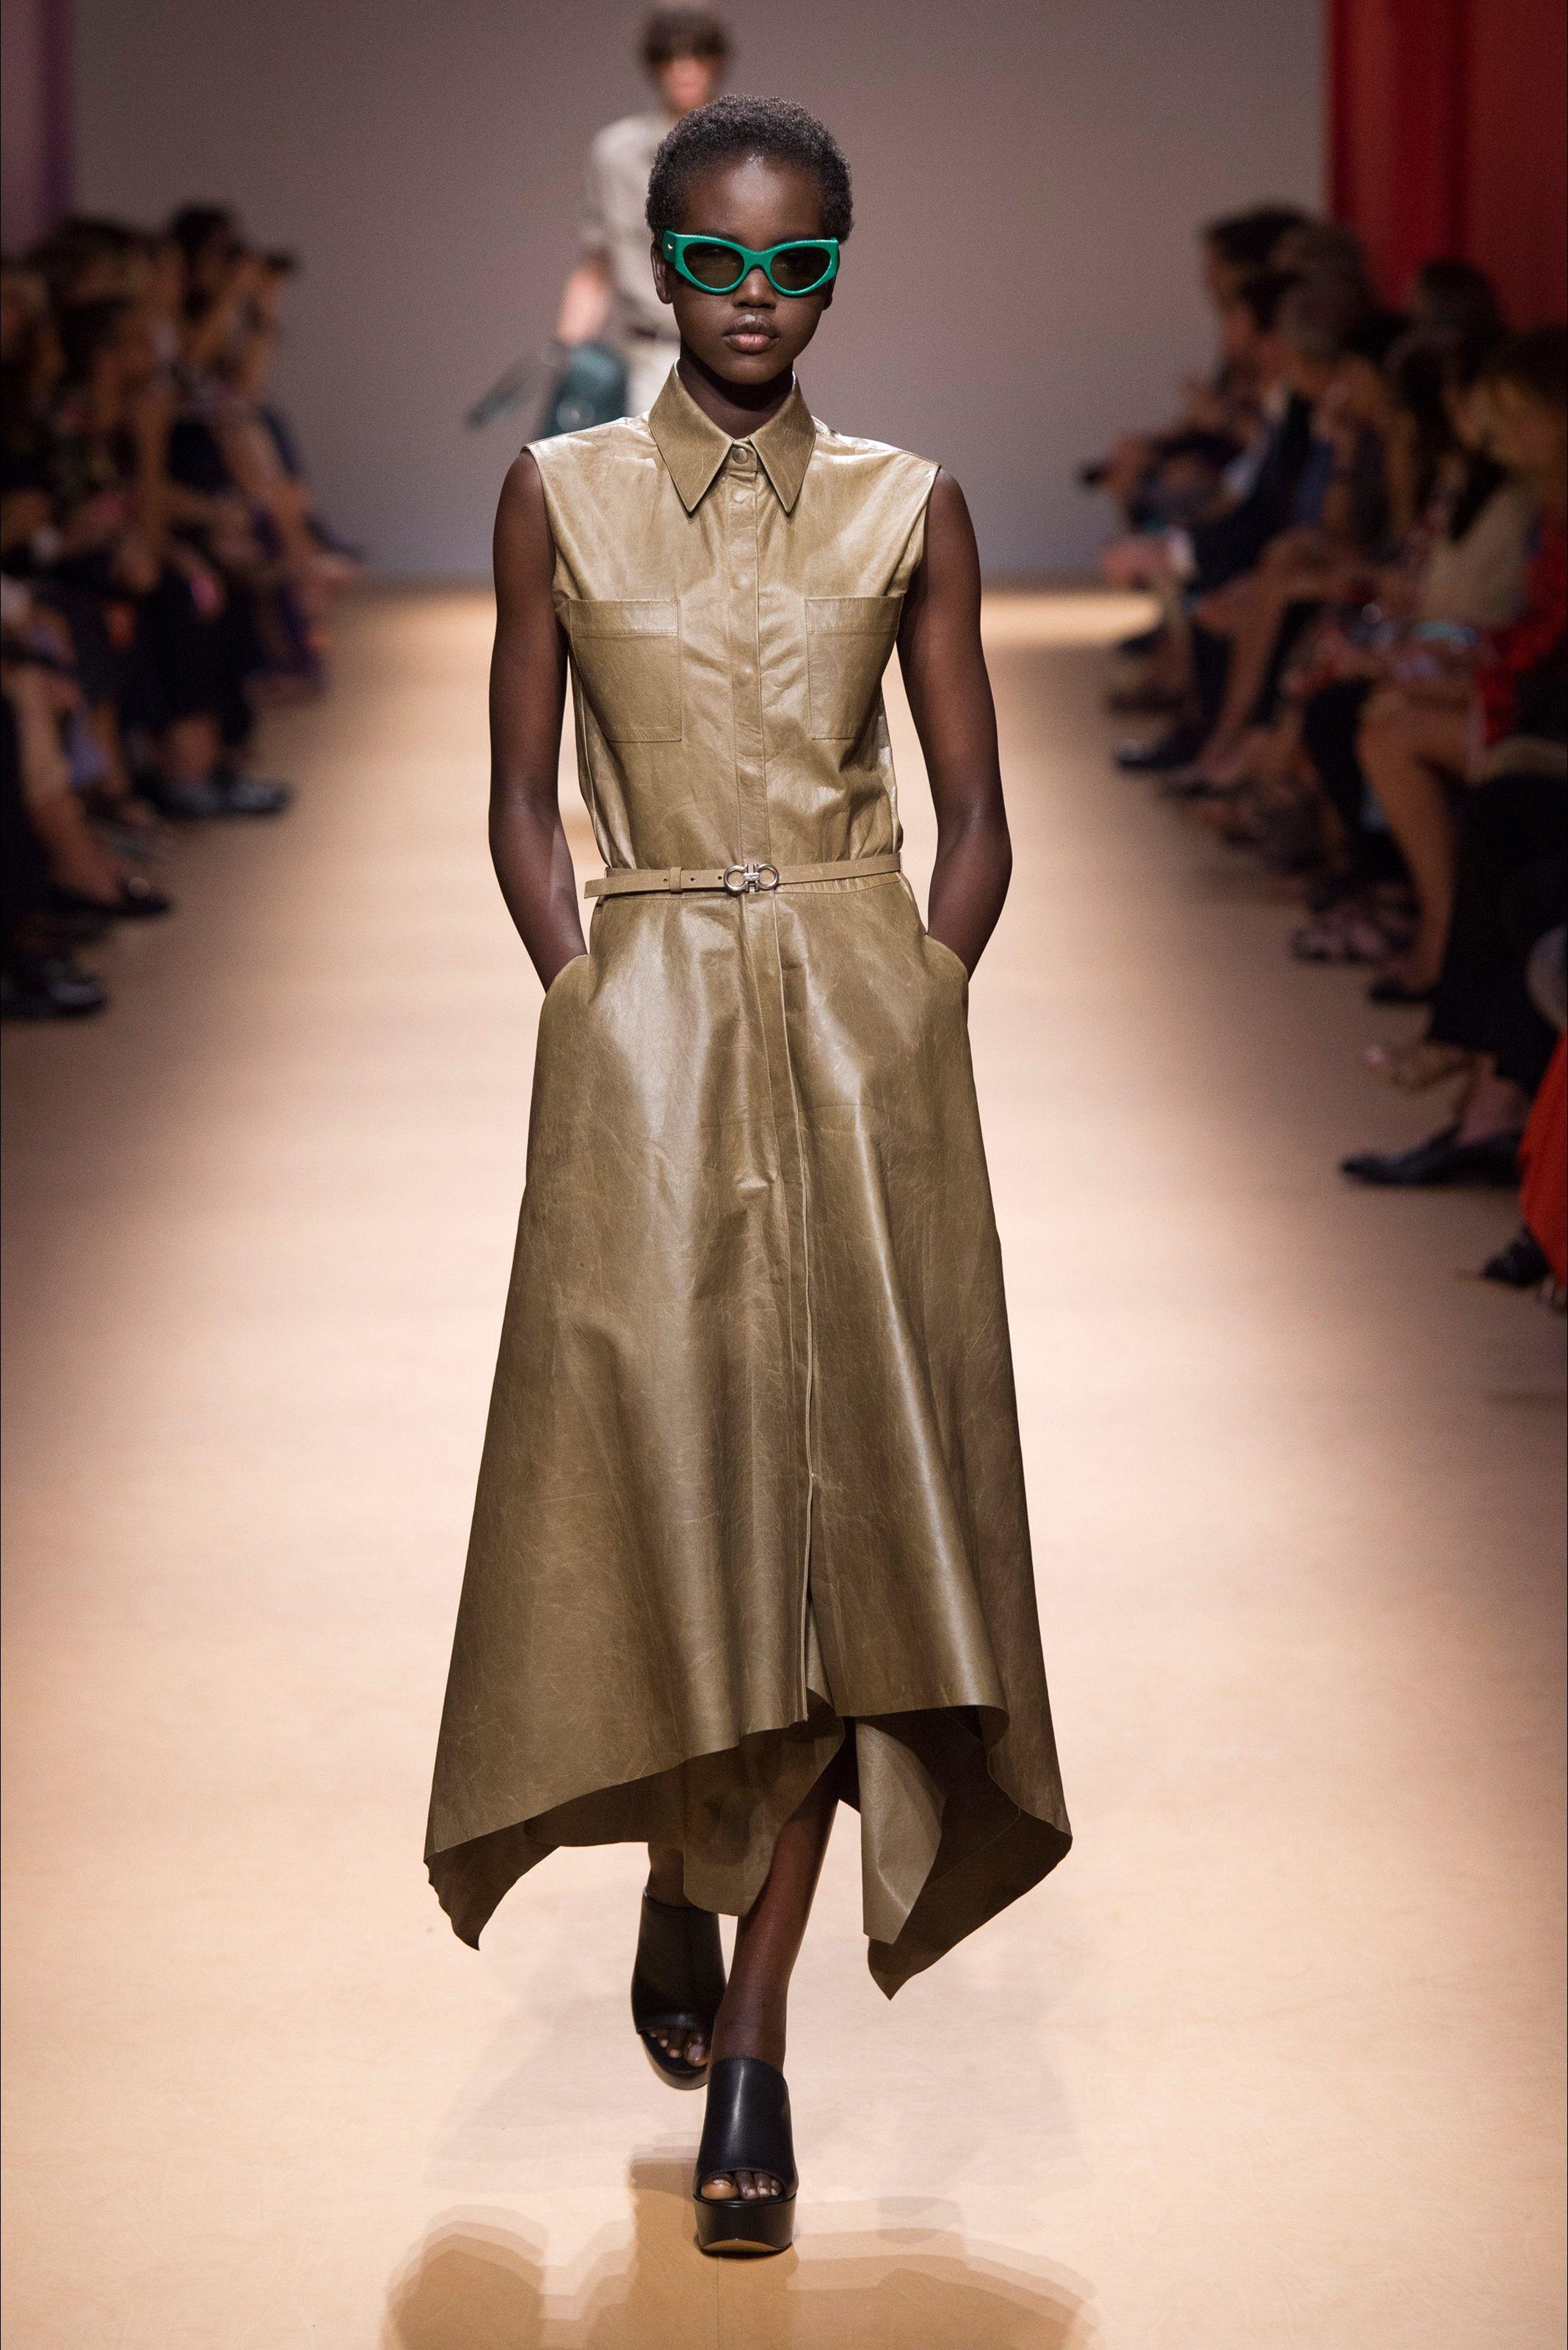 cea2ee0157ccc0 Sfilata Salvatore Ferragamo Milano - Collezioni Primavera Estate 2019 -  Vogue